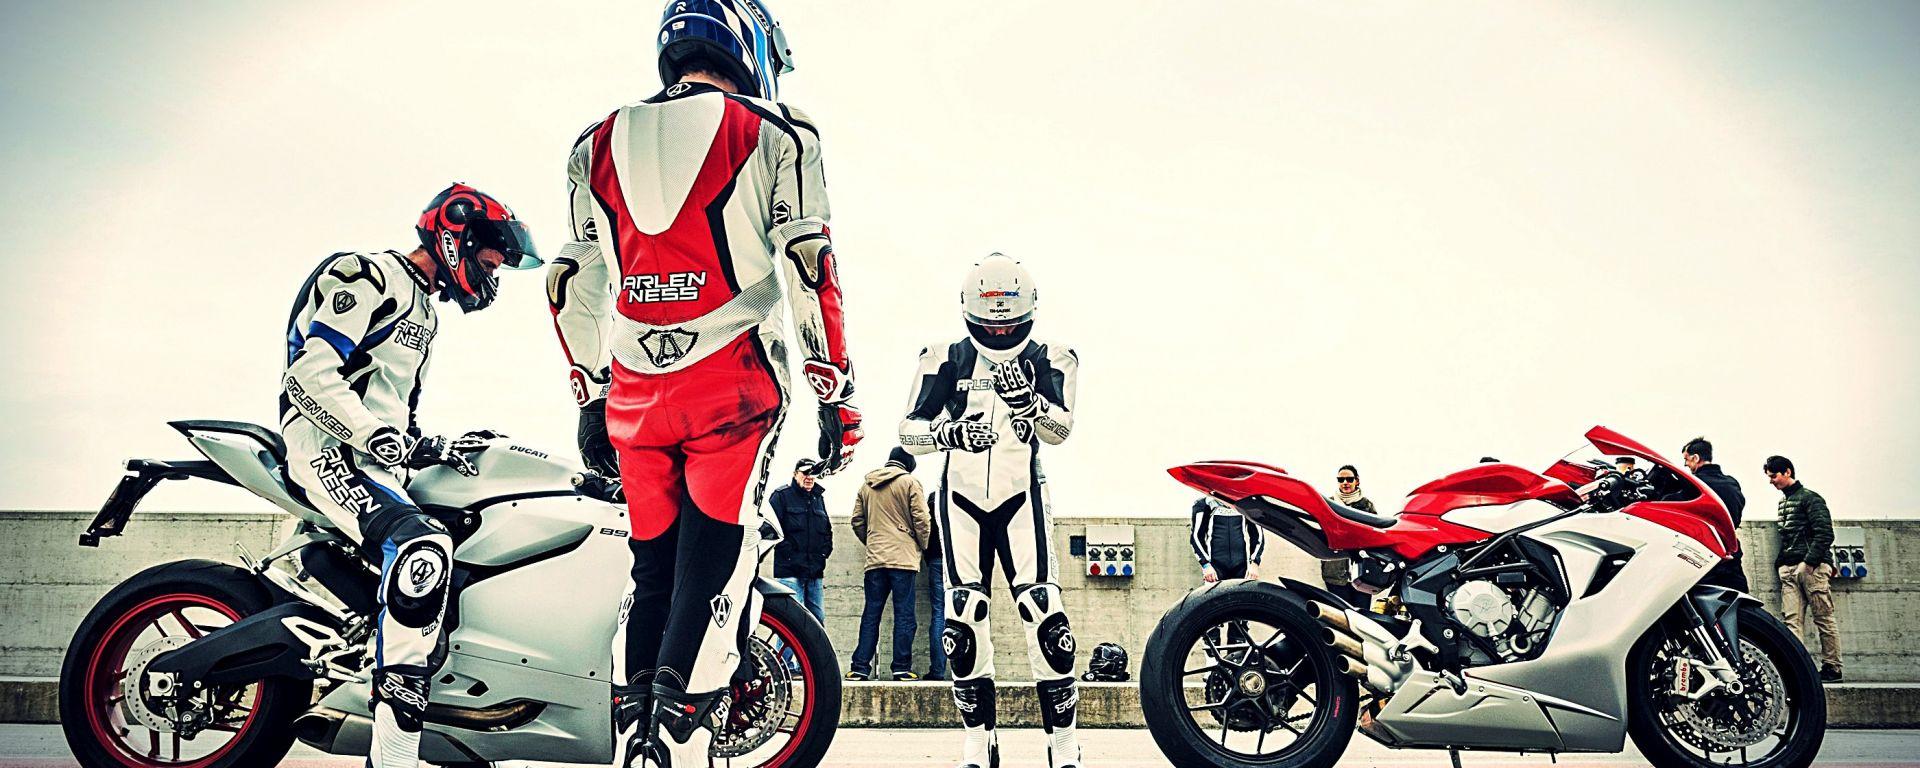 MV Agusta F3 800 vs Ducati 899 Panigale